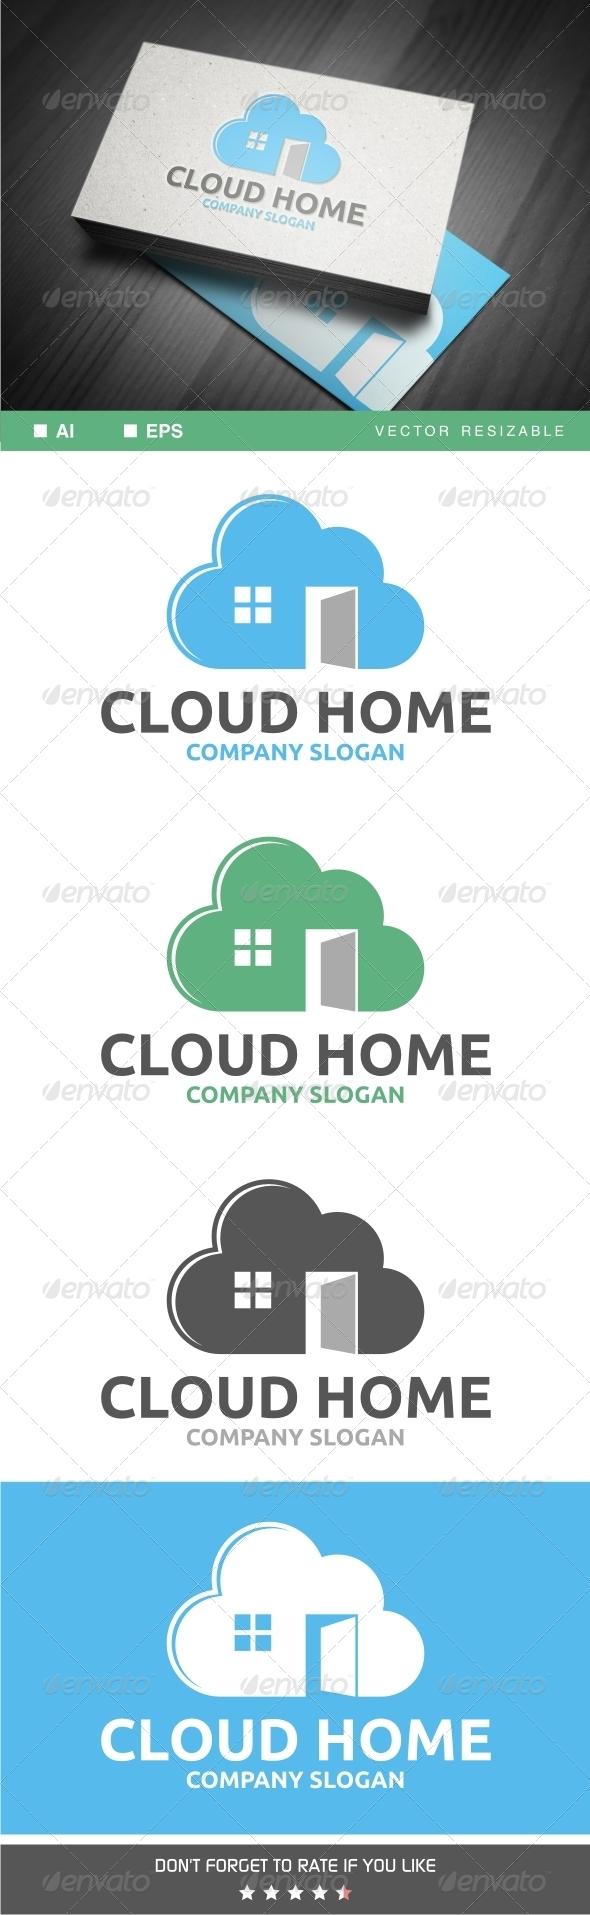 GraphicRiver Cloud Home Logo 7033960